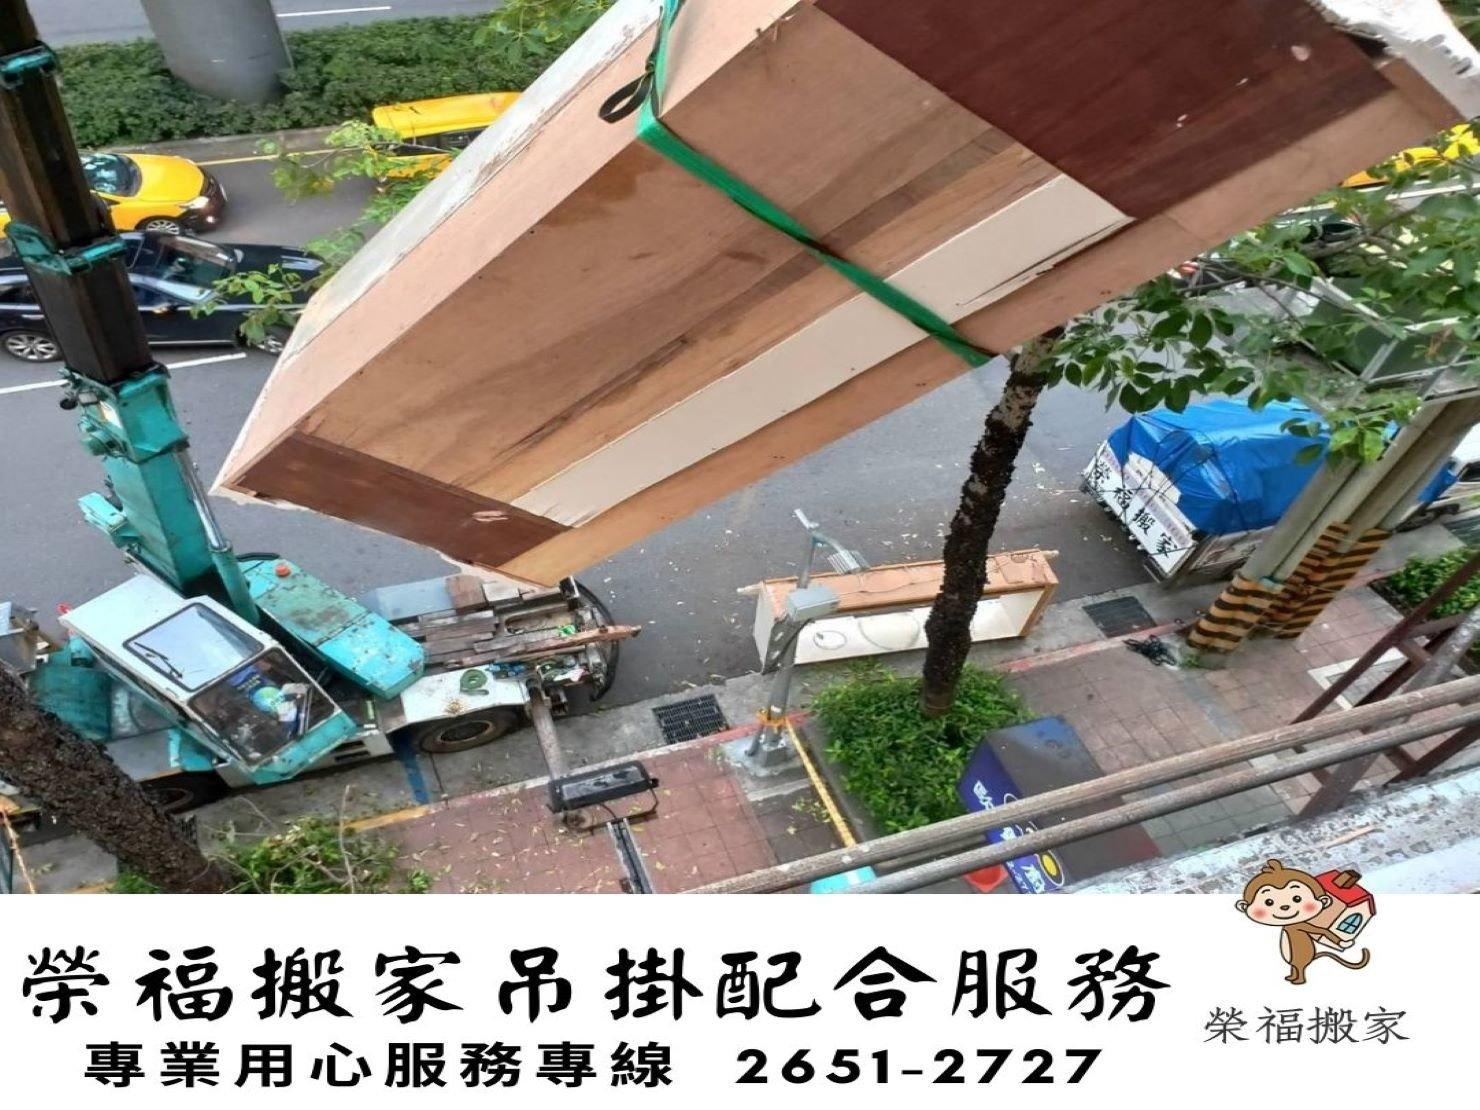 【搬家實錄】台北搬新北搬家-協助家具吊掛搬運服務